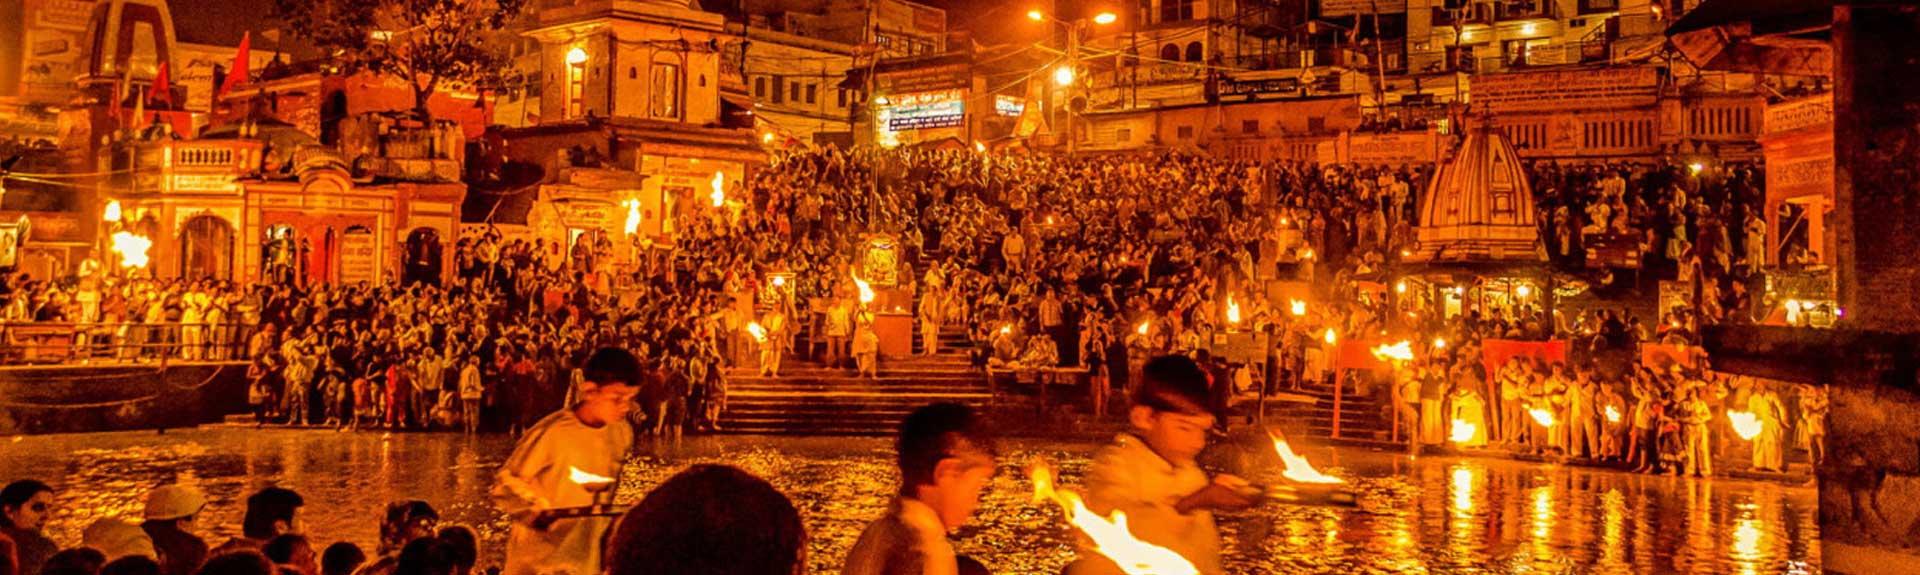 Get best chardham package in Haridwar